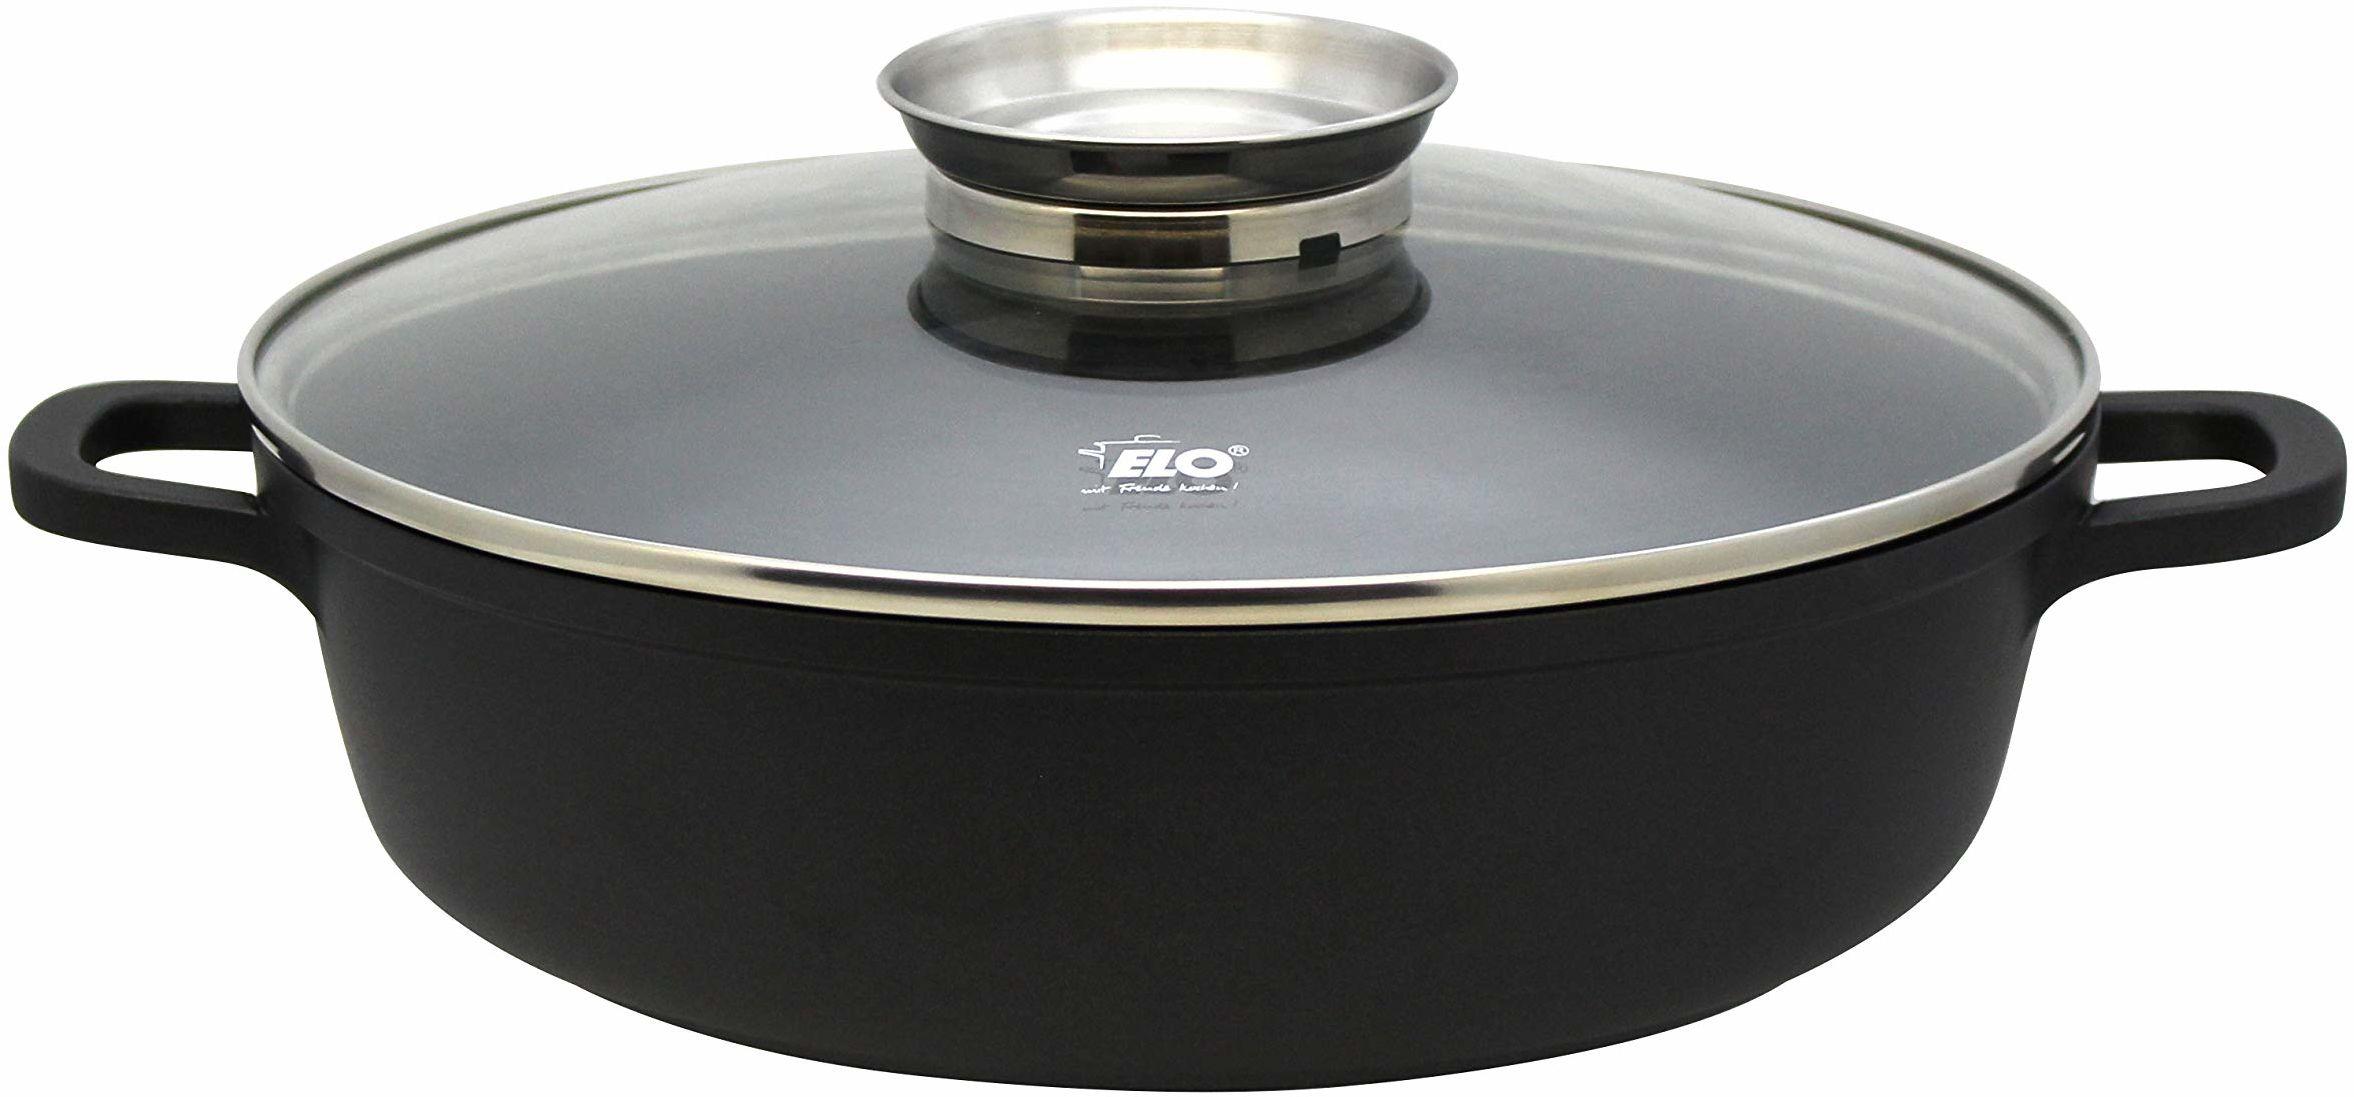 ELO 86689 Alucast patelnia do serwowania okrągła 28 cm, odlew aluminiowy